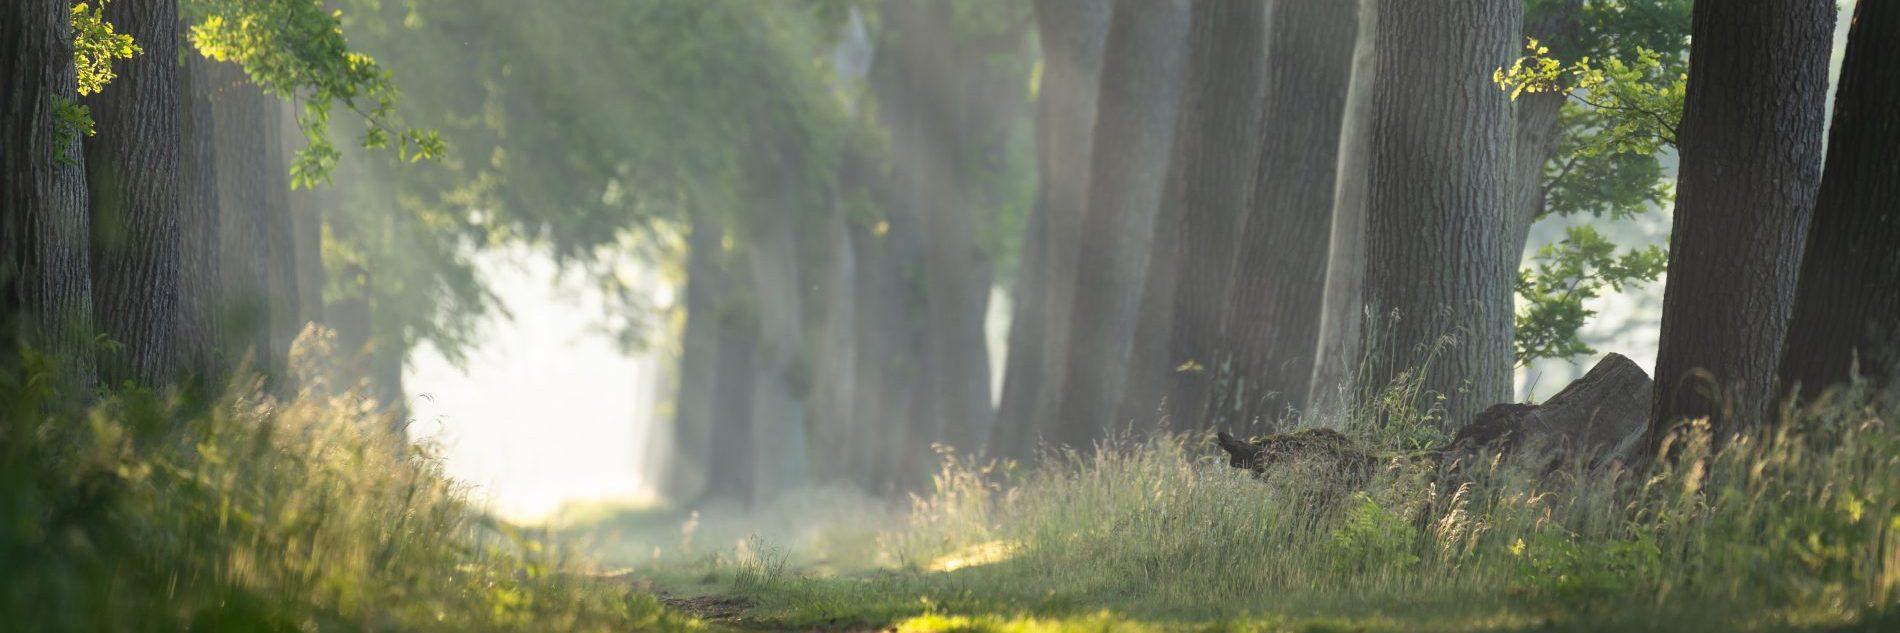 Door de bomen het licht zien